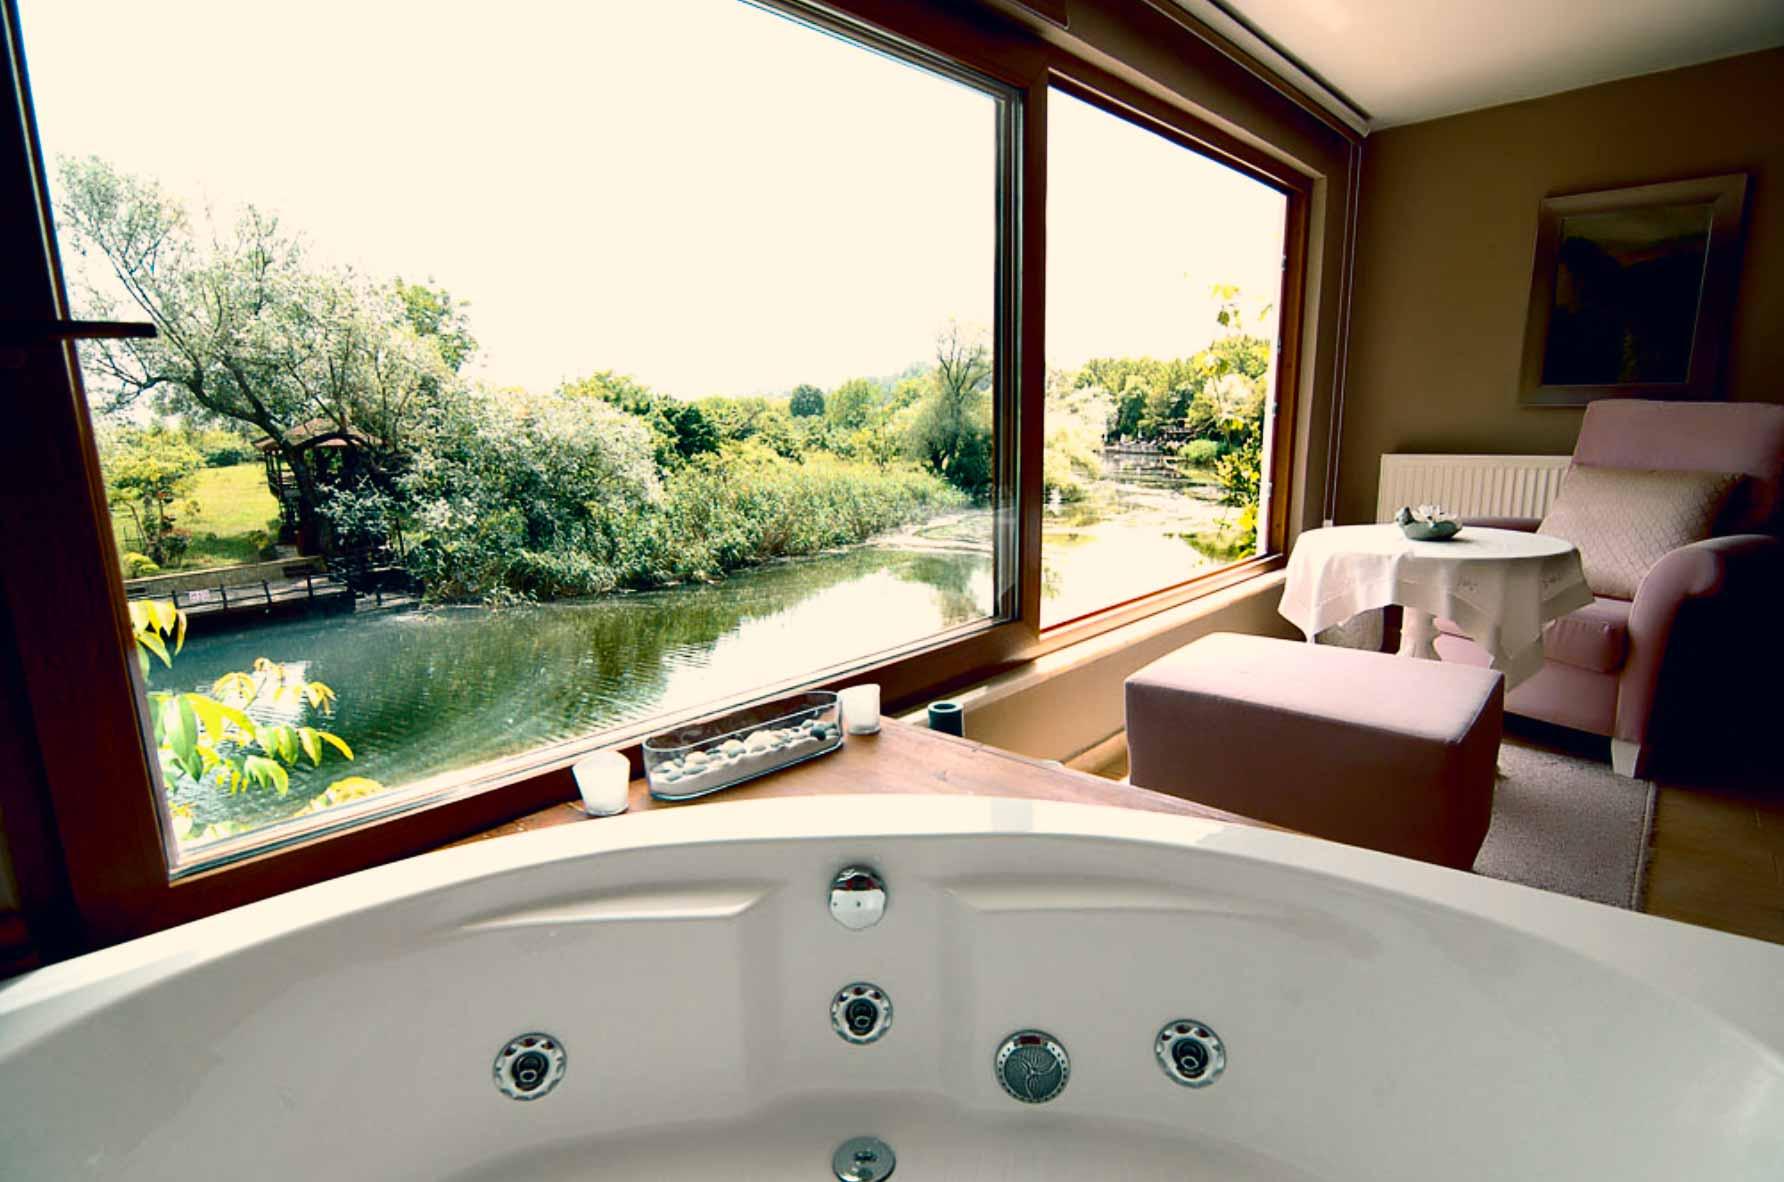 Ağva otel odaları kalitesi ve manzaraları.